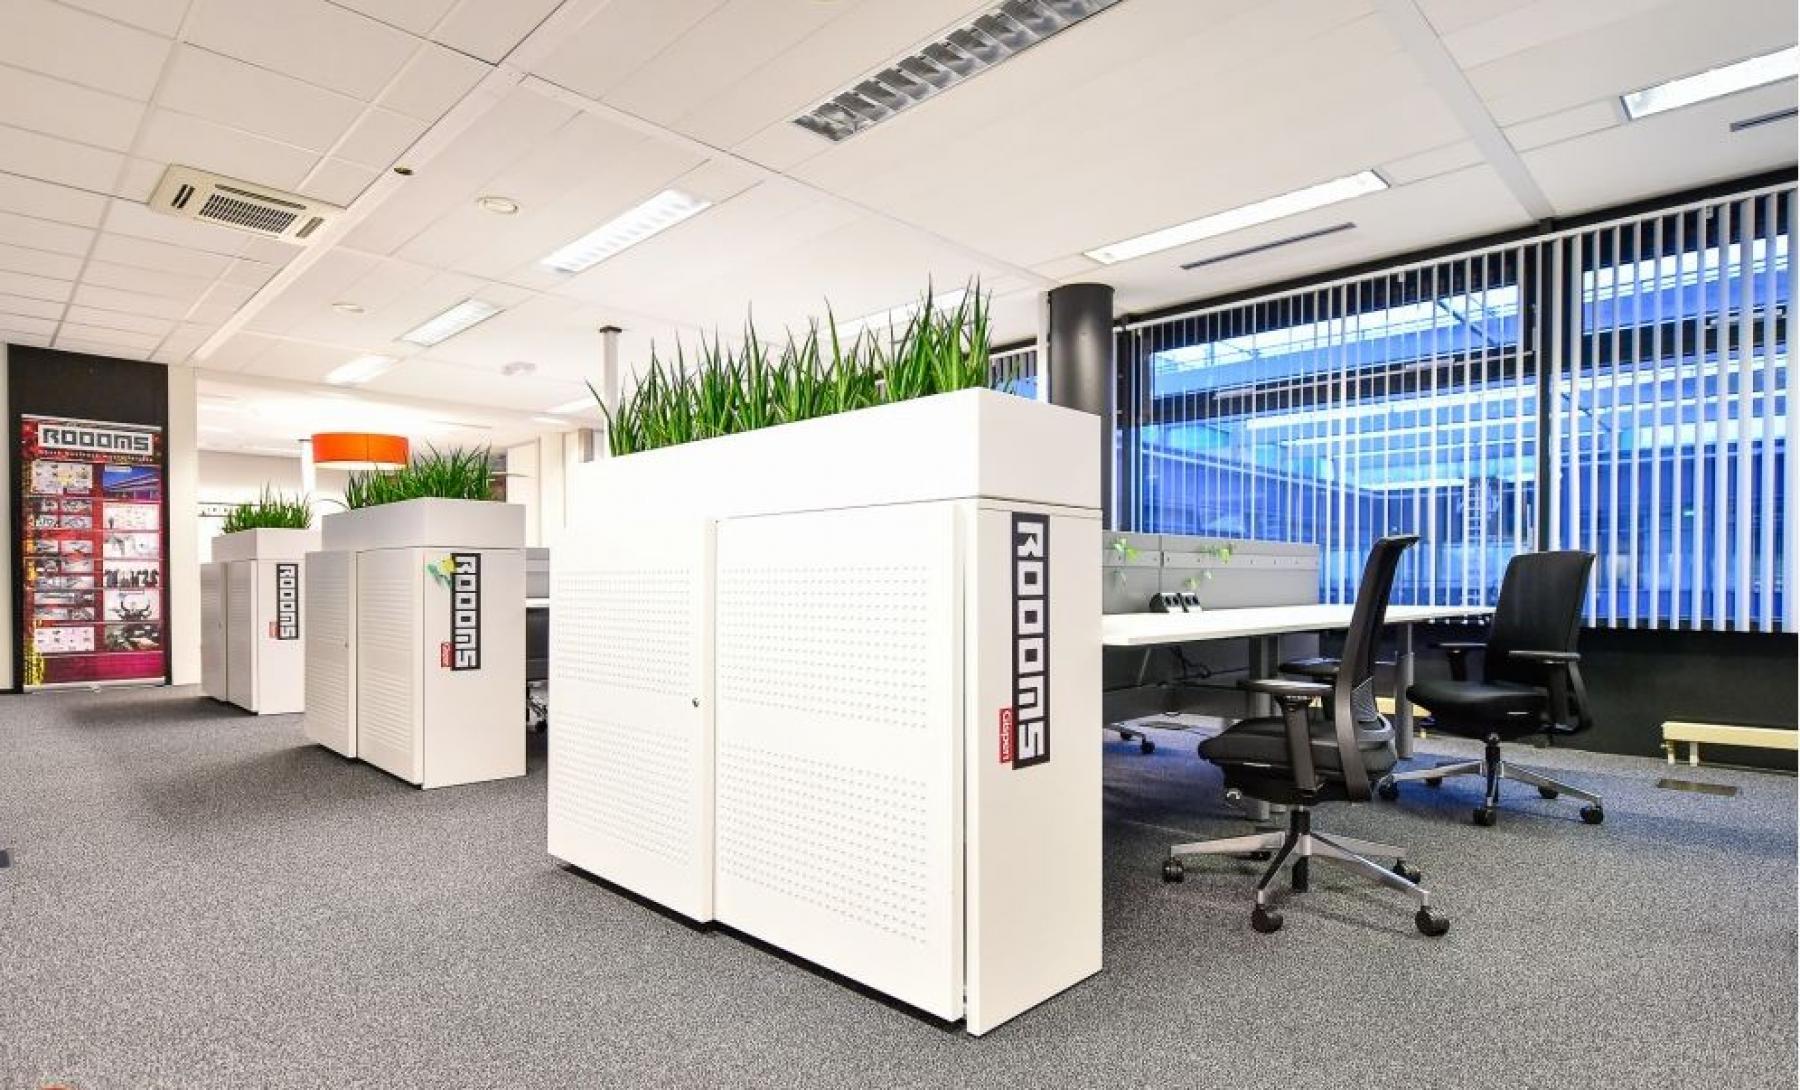 kantoorruimte beschikbaar flexwerken roermond westhoven